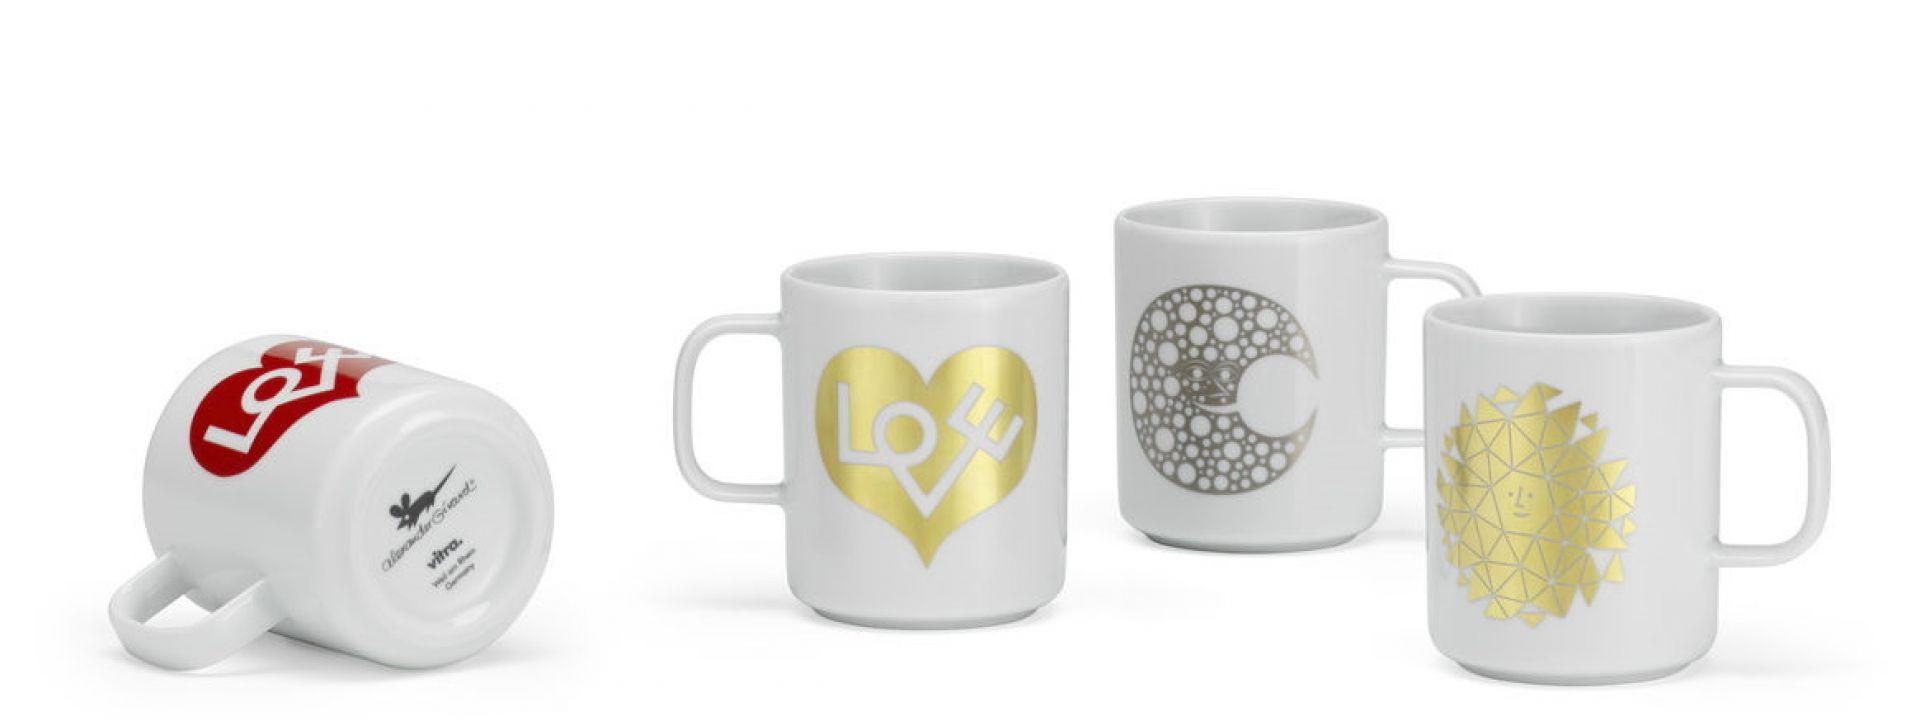 Coffee Mugs NEW Moon Tasse Vitra